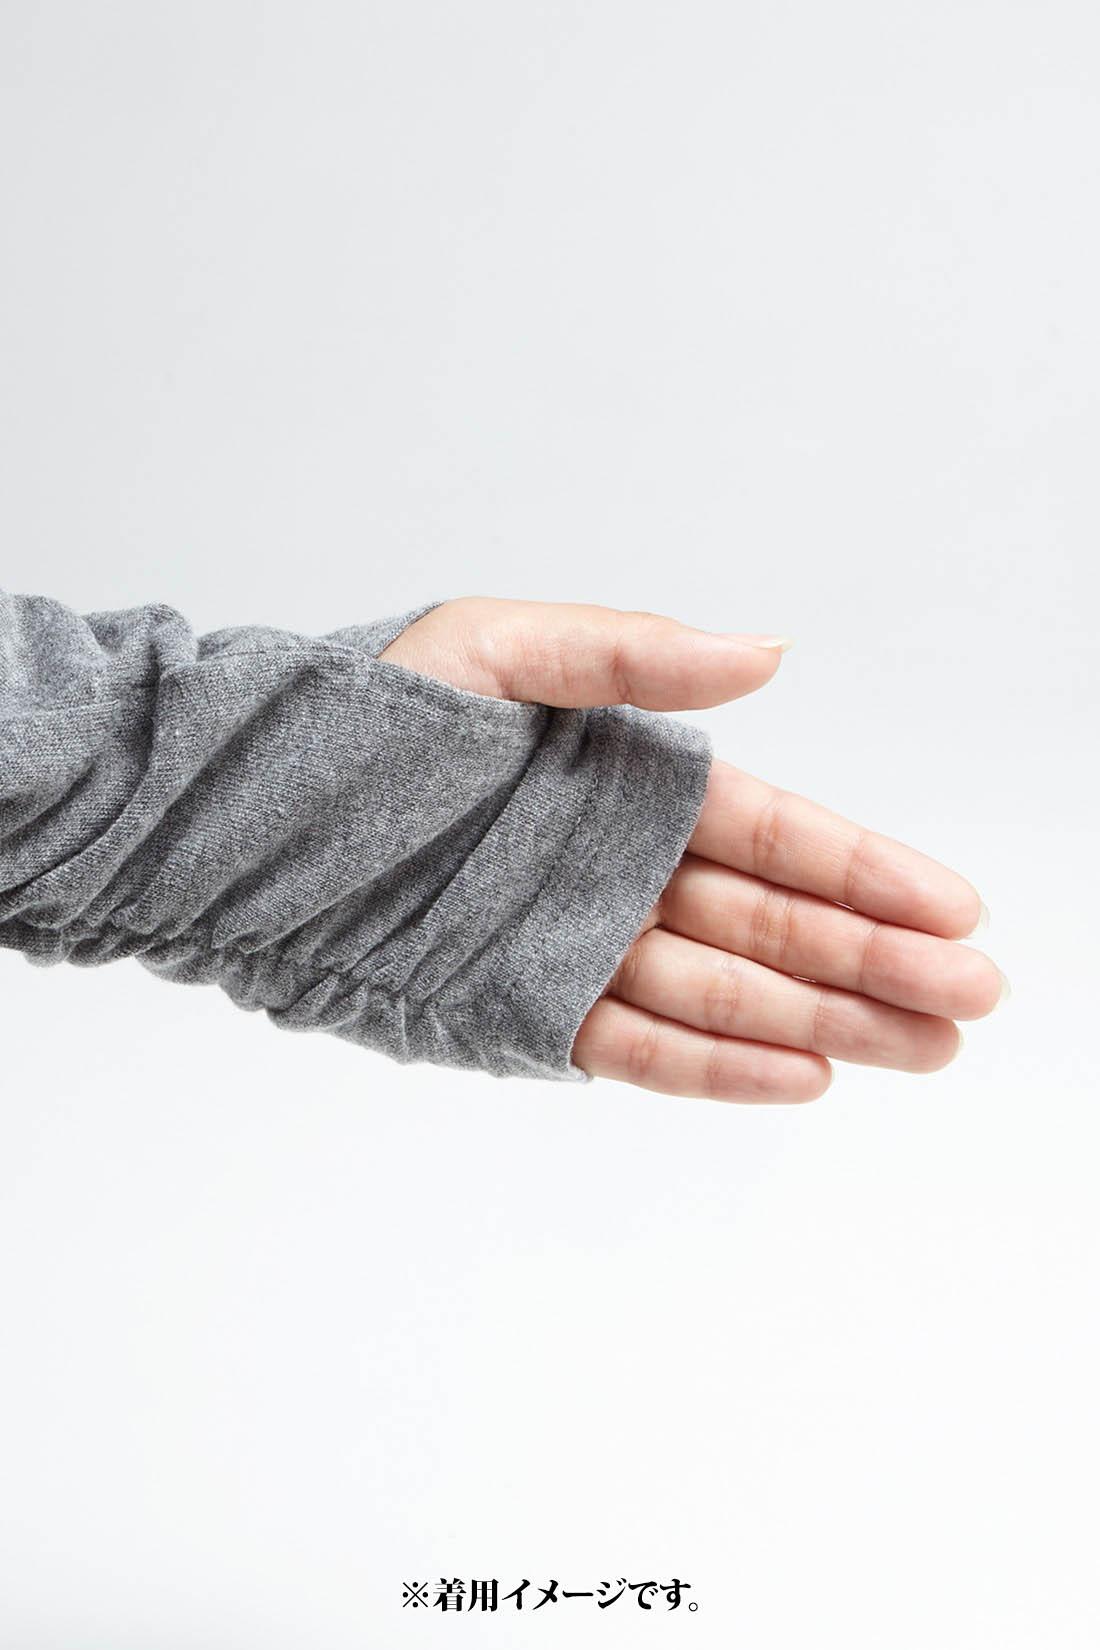 親指スリットでかわいく防寒 スリットに指を入れると手の甲まで暖か。くしゅっとした袖口との合わせ技で華奢(きゃしゃ)見え度抜群!